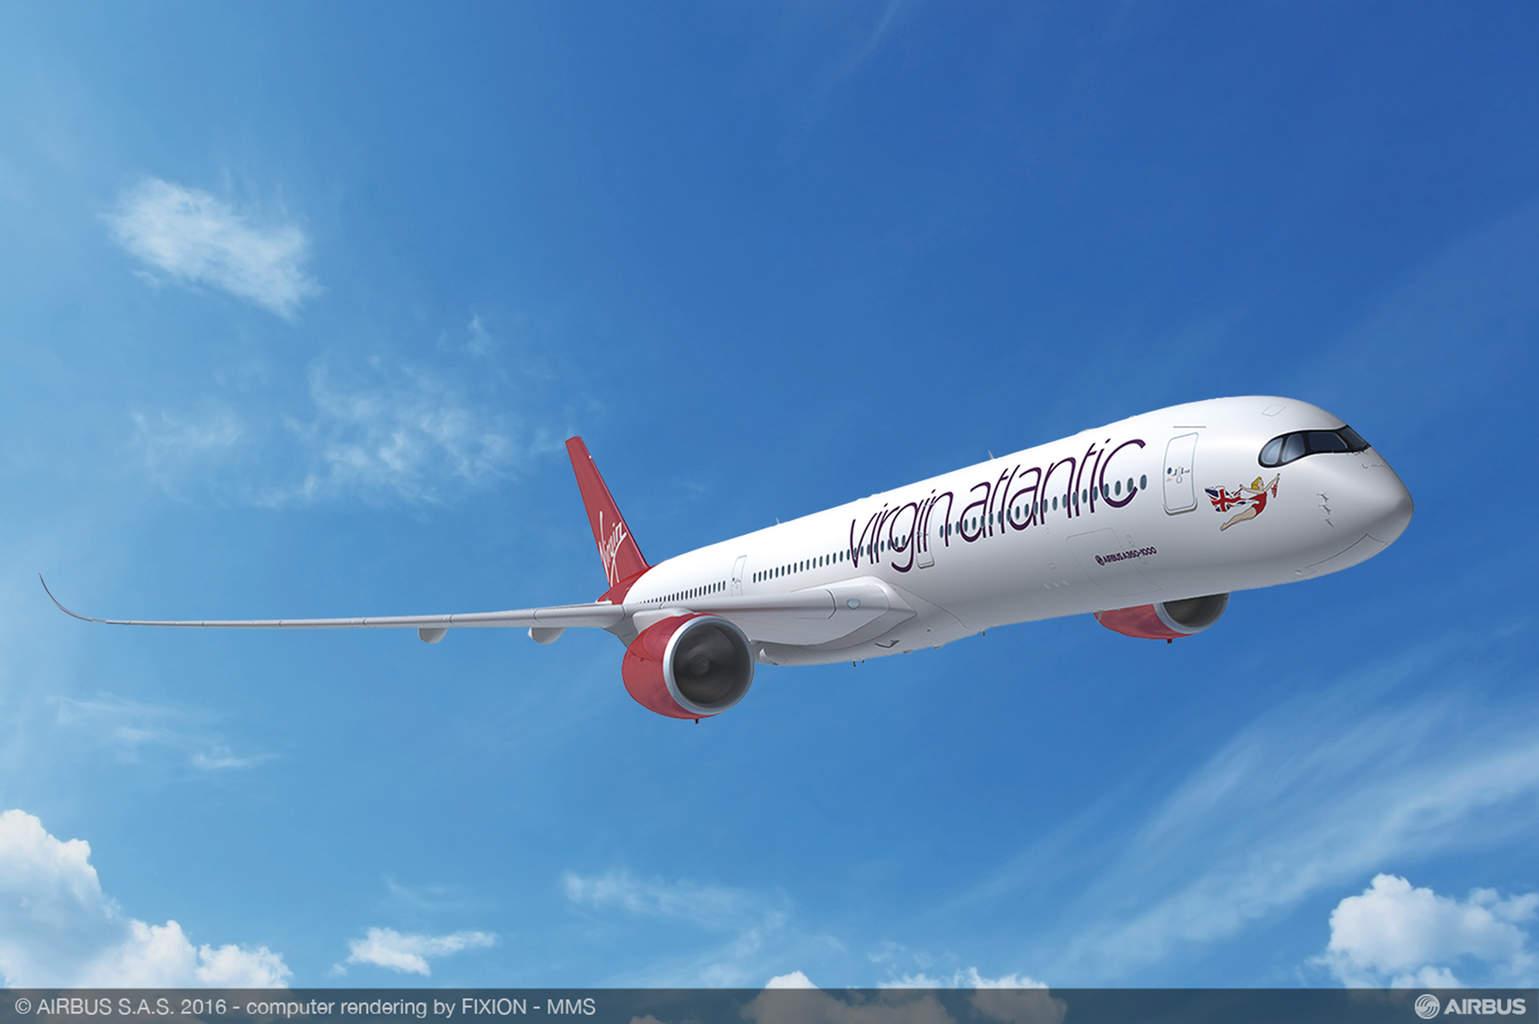 Virgin Atlantic orders 12x Airbus A350-1000XWB